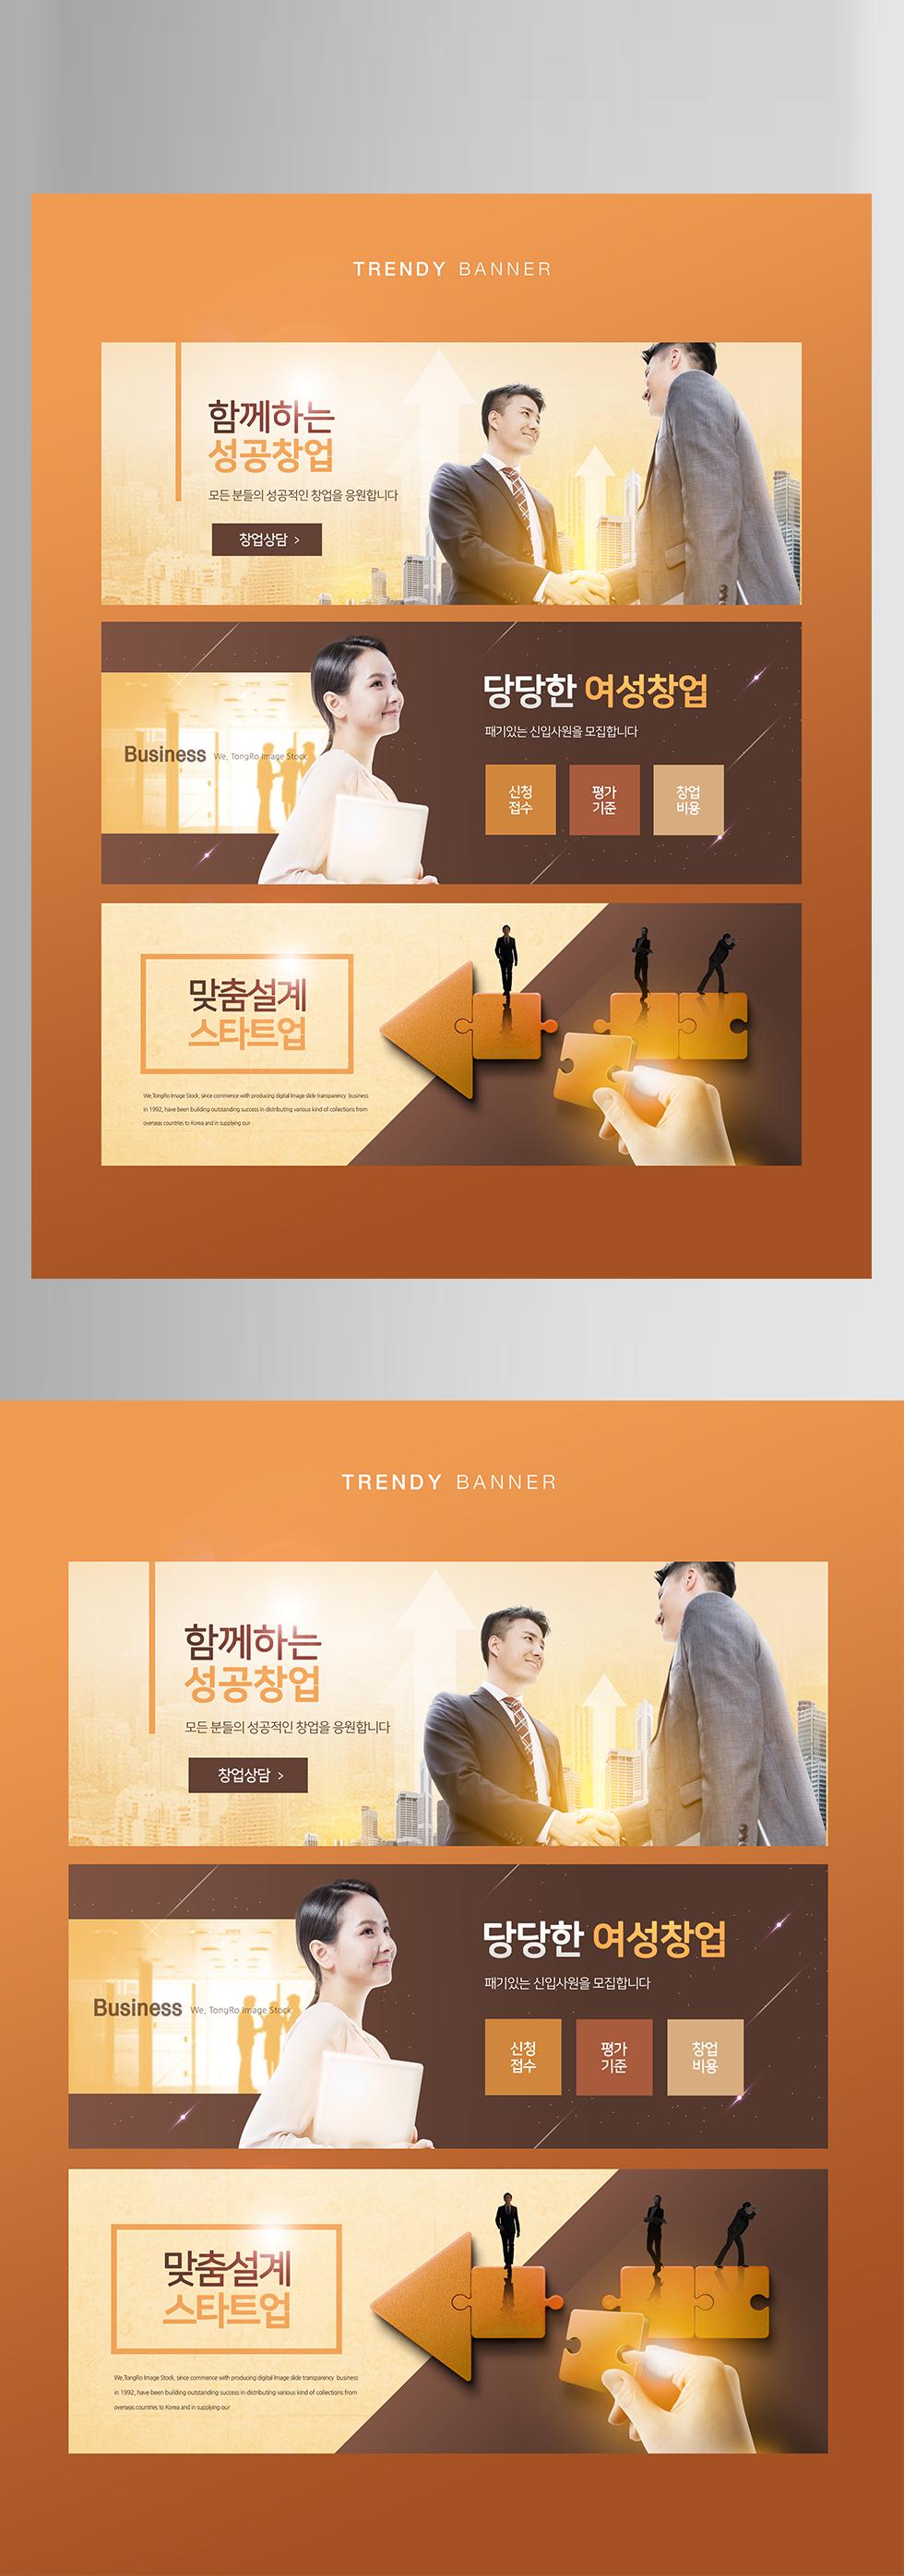 金融财务银行理财产品宣传广告图banner海报PSD设计素材模板(8)